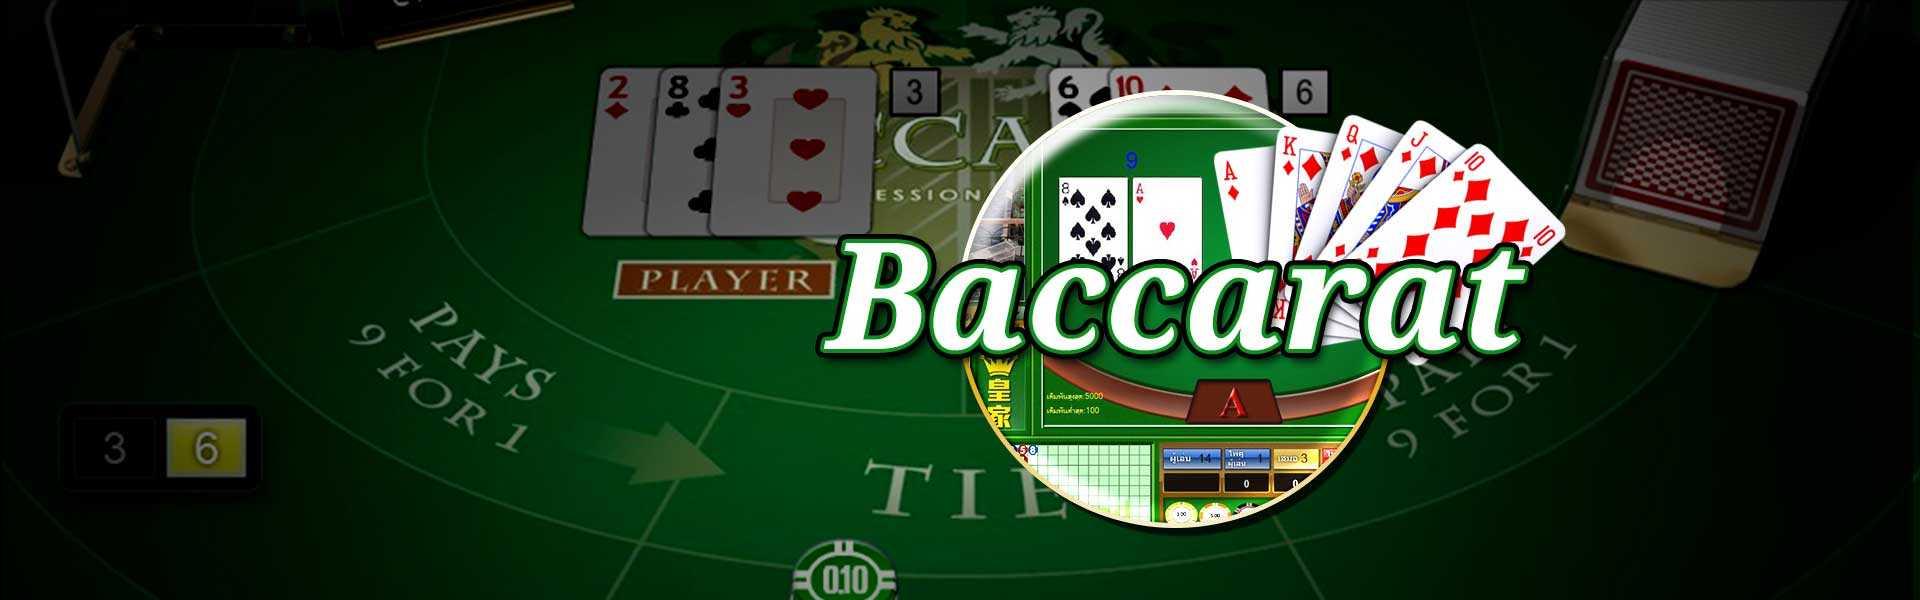 บาคาร่า | gclub royal ทางเข้า คาสิโนออนไลน์จีคลับ บาคาร่ามือถือ